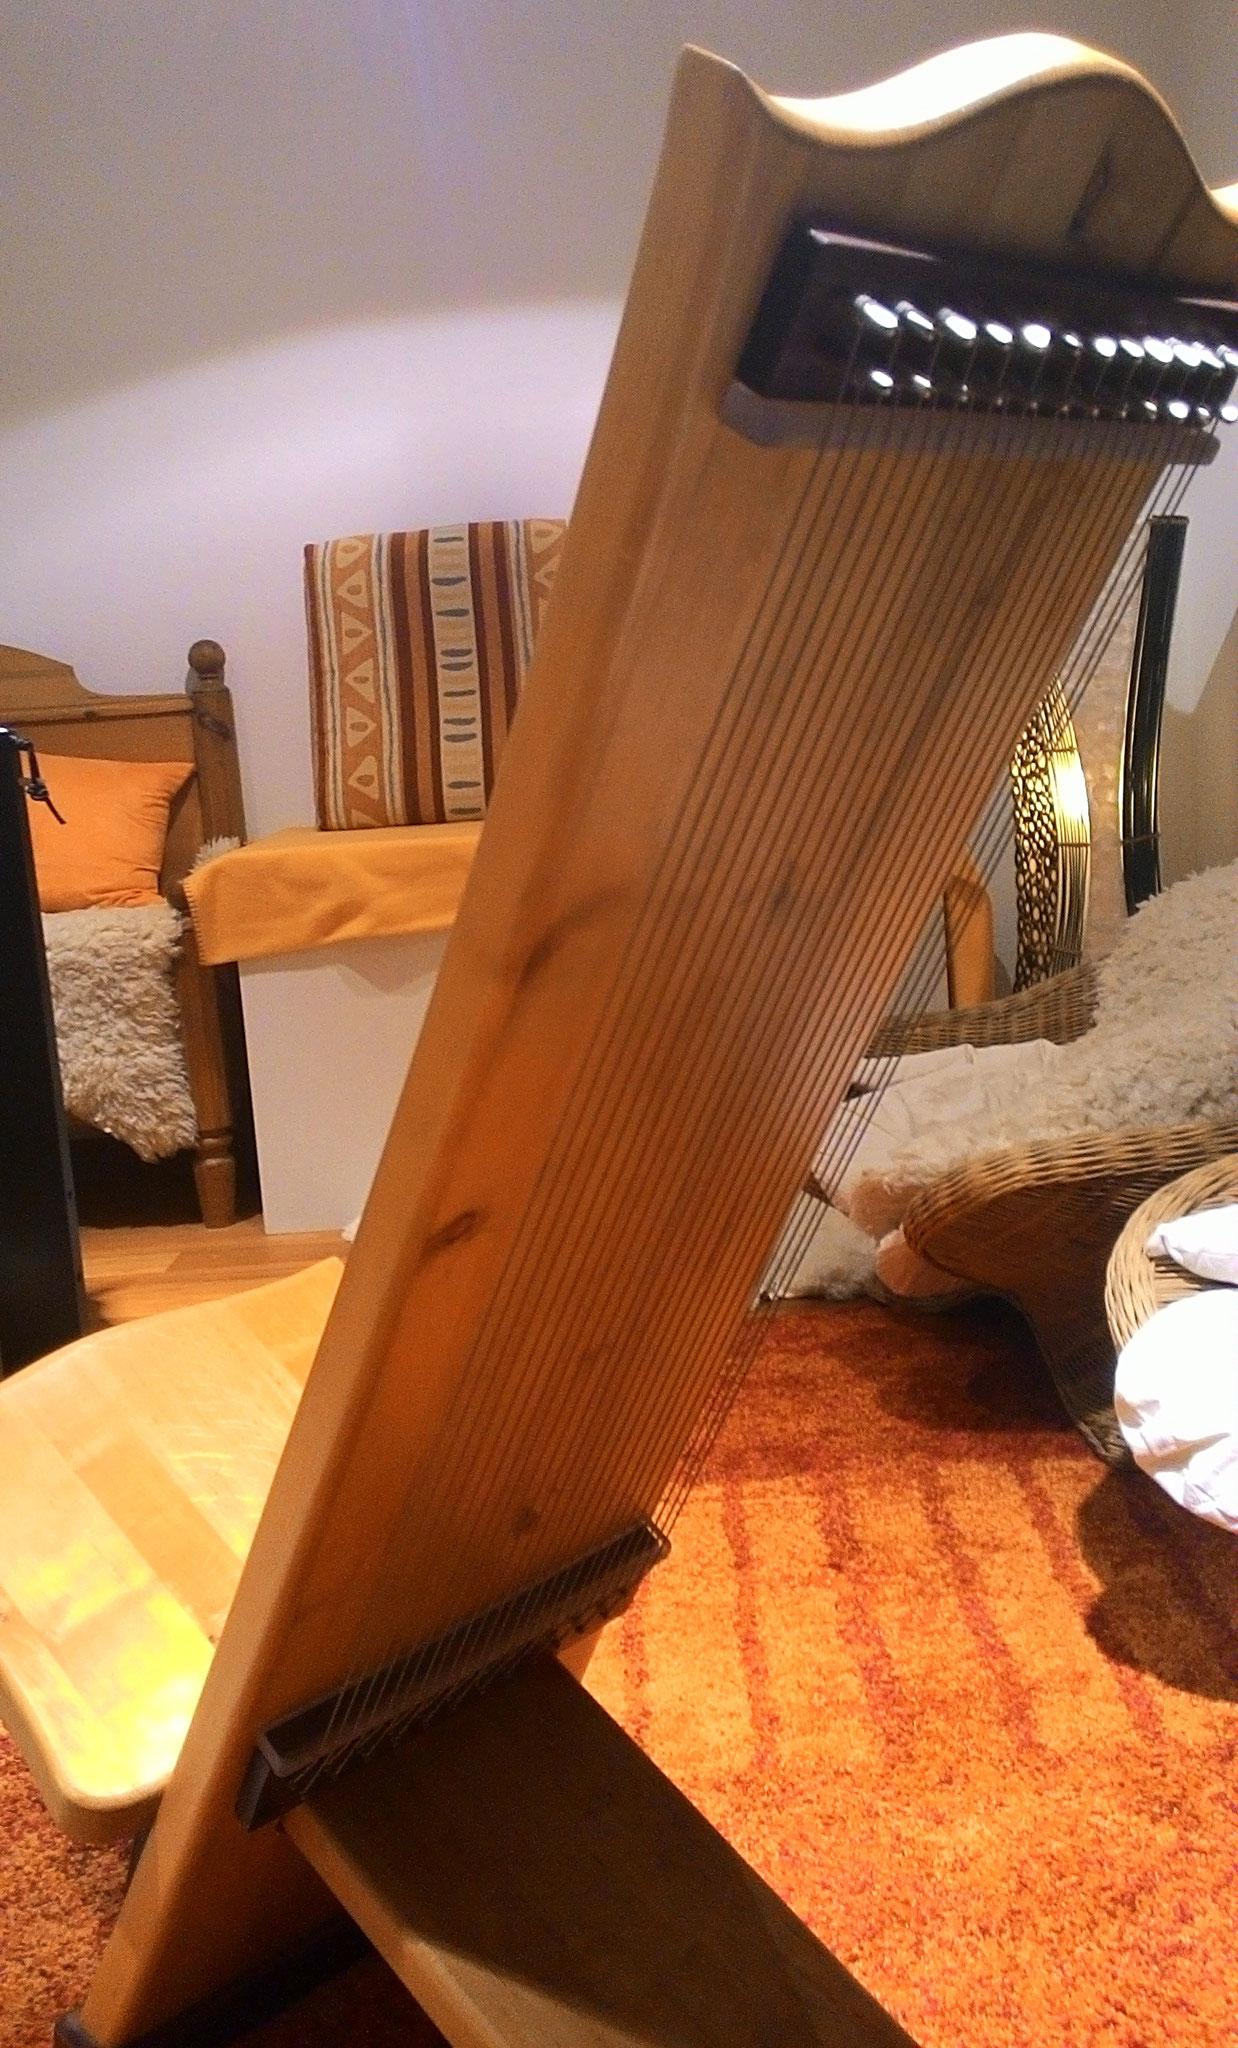 """Klangstuhl, das """"Monochord"""" zum Sitzen"""